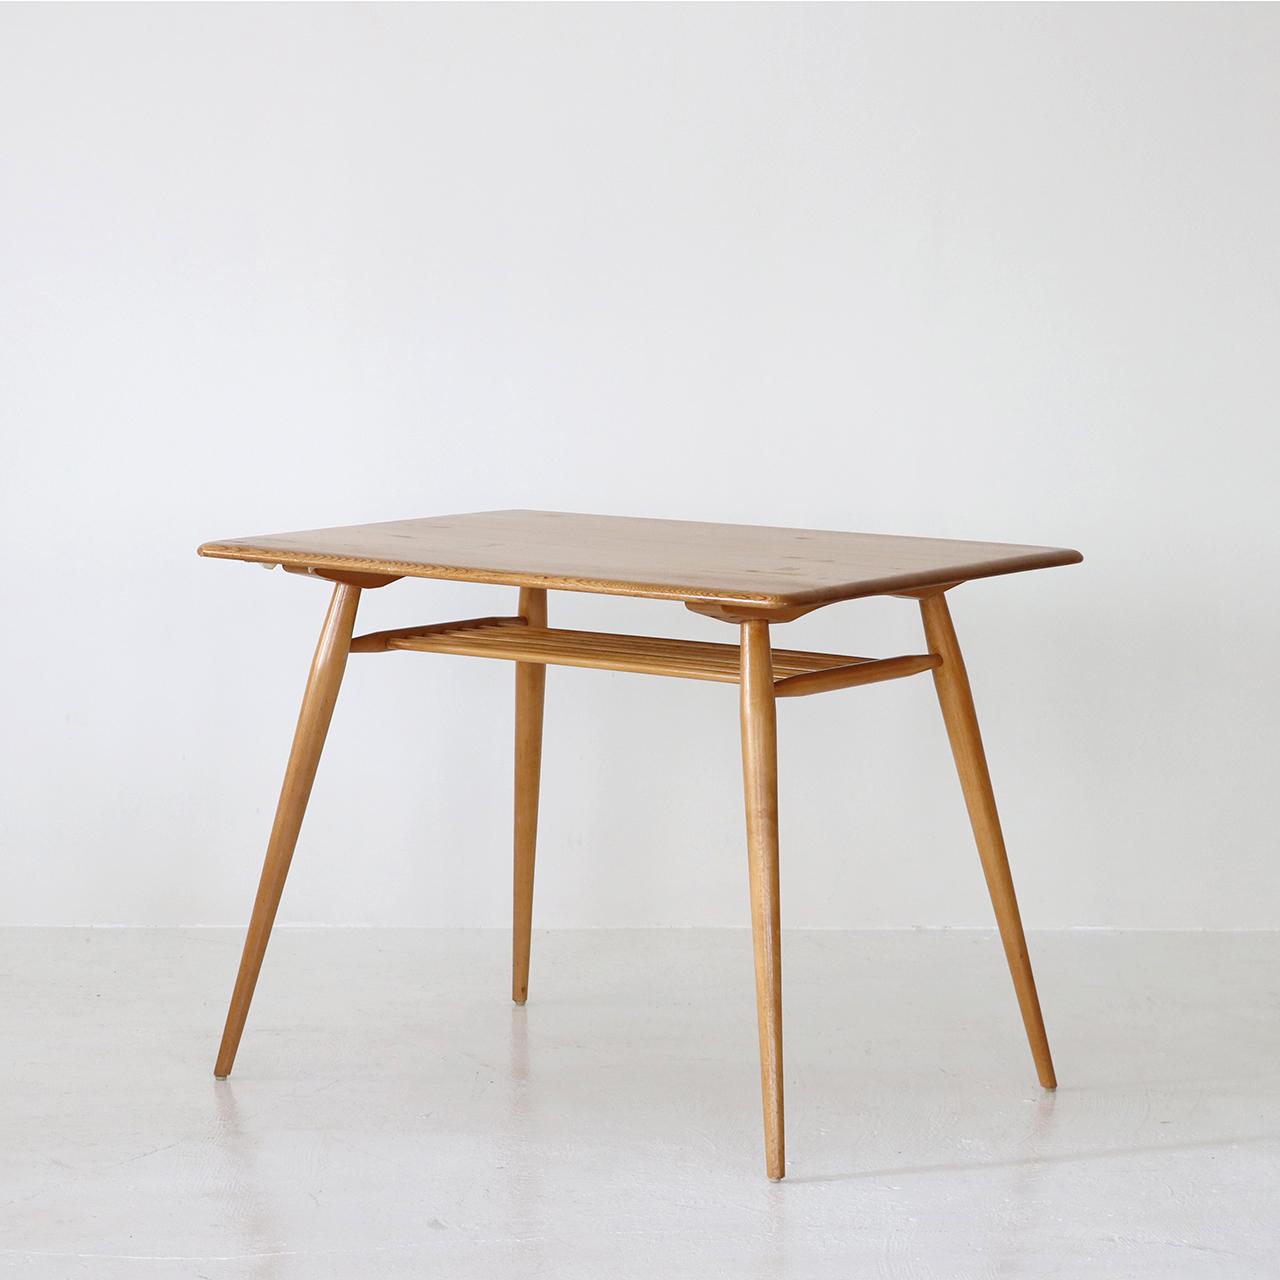 Breakfast table / Ercol